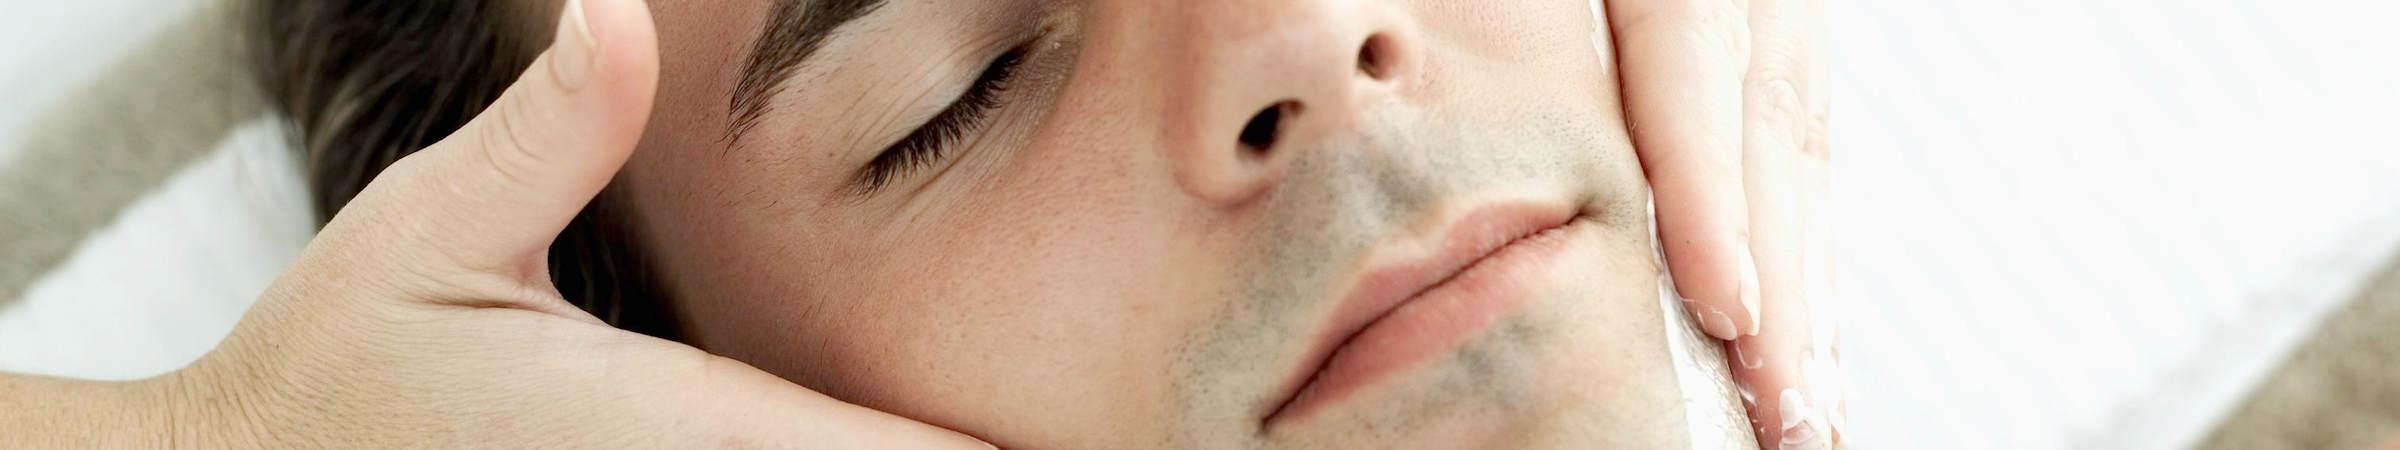 Male Massage Male waxing